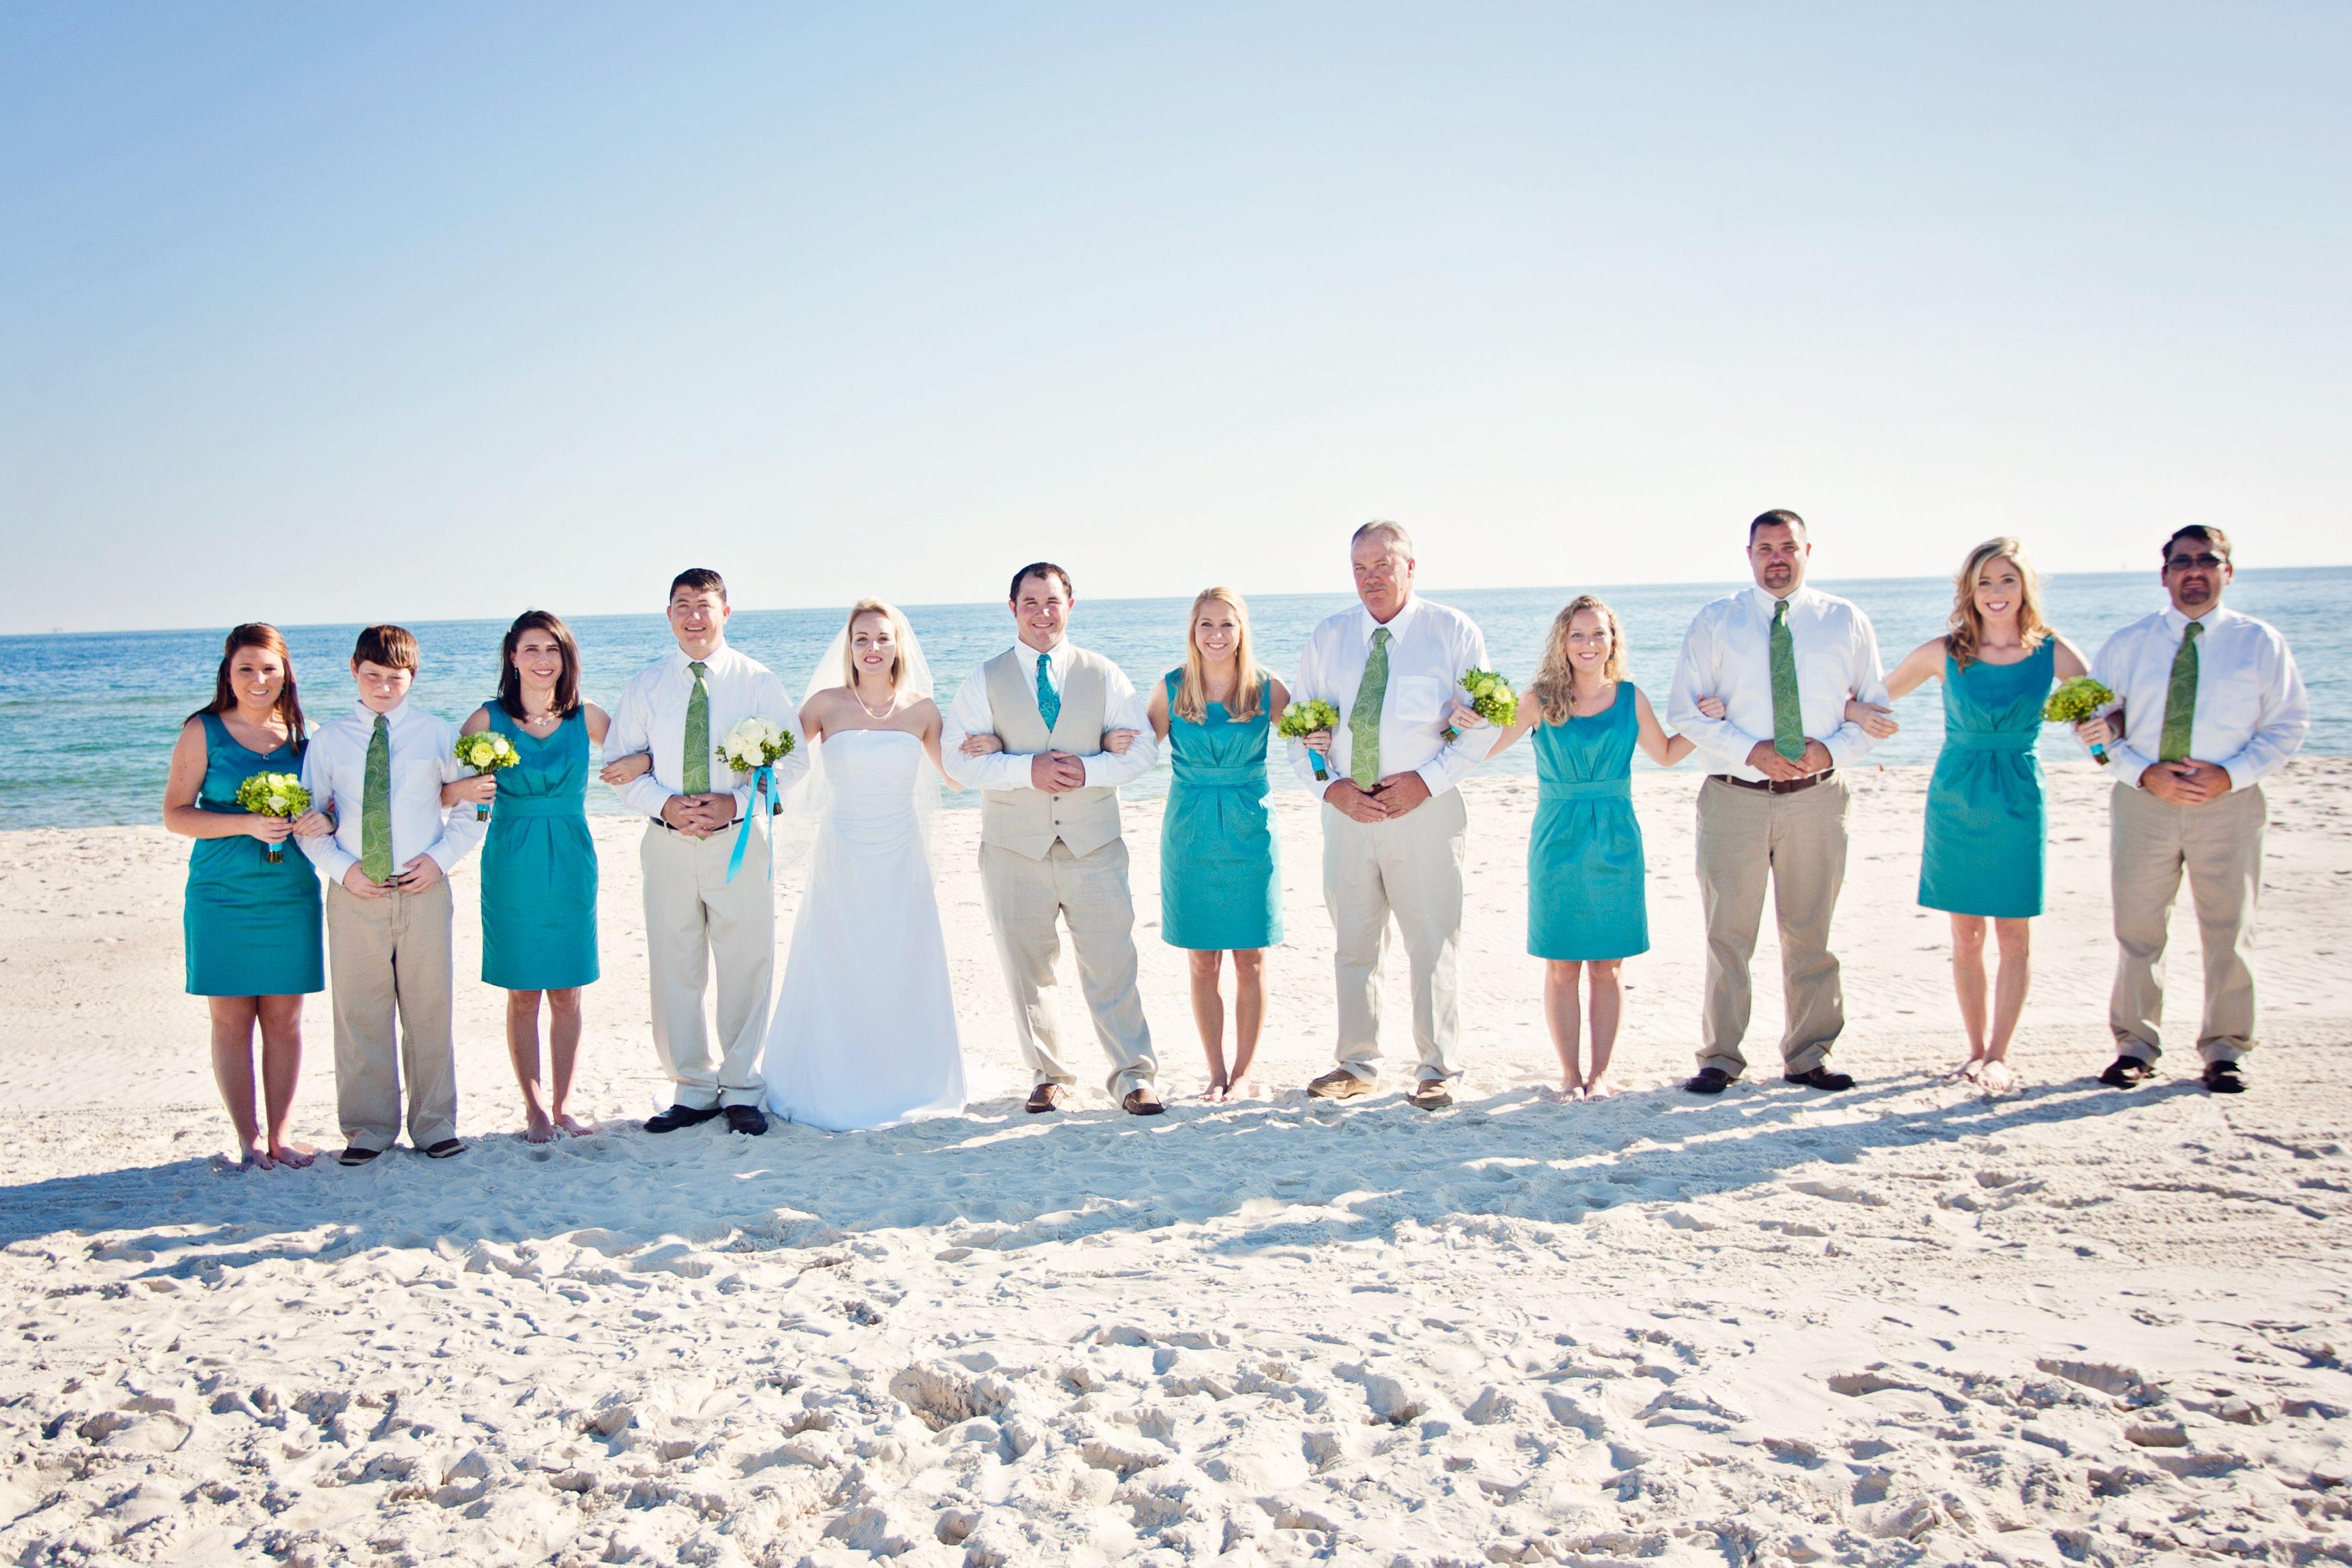 Beach Wedding Bridal Party Bridal Party Photos Beach Wedding Beach Wedding Men Outfit